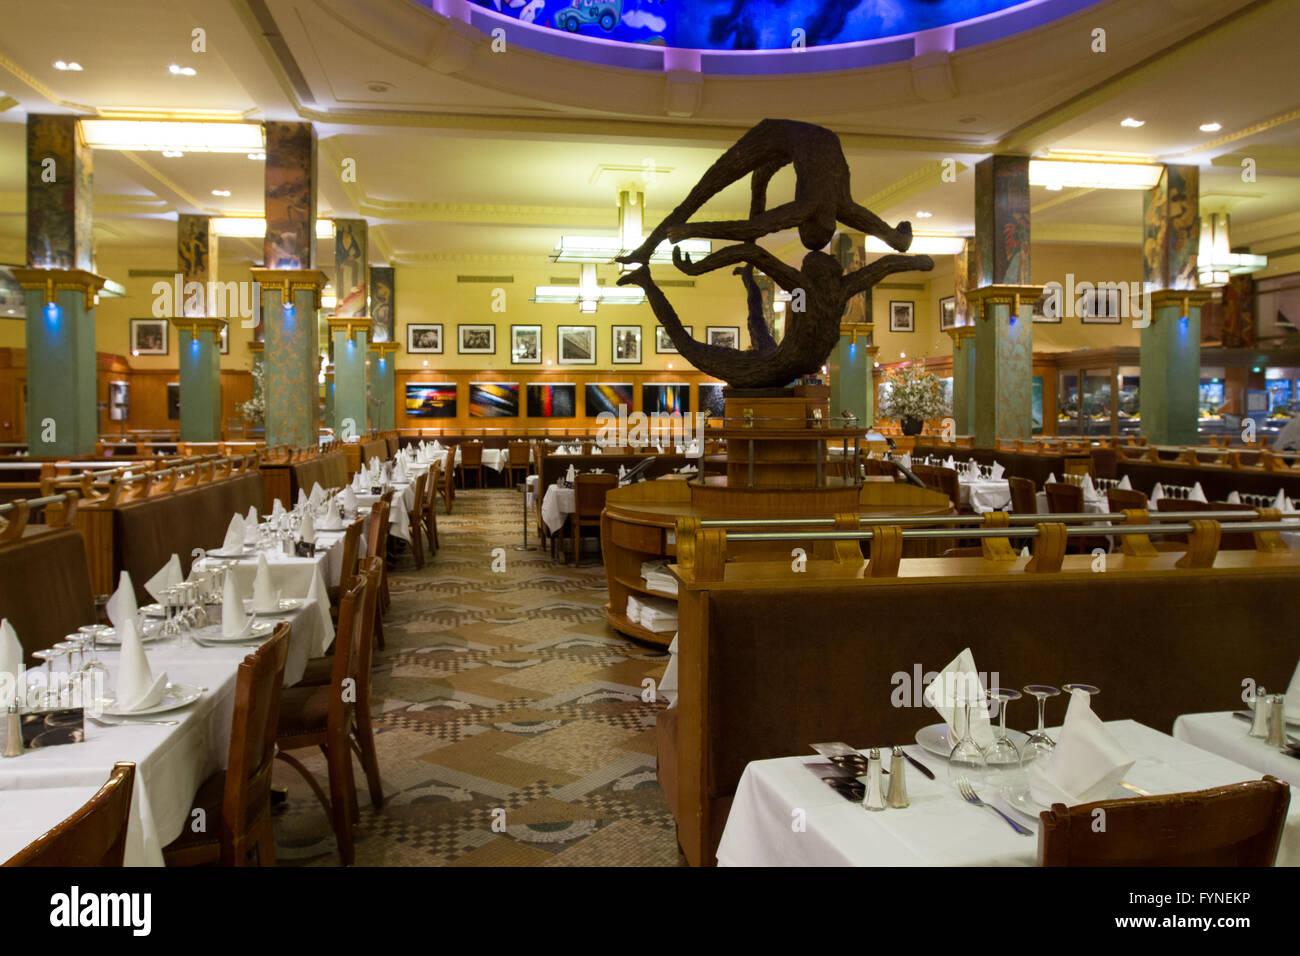 The historic La Coupole restaurant Paris France Stock Photo